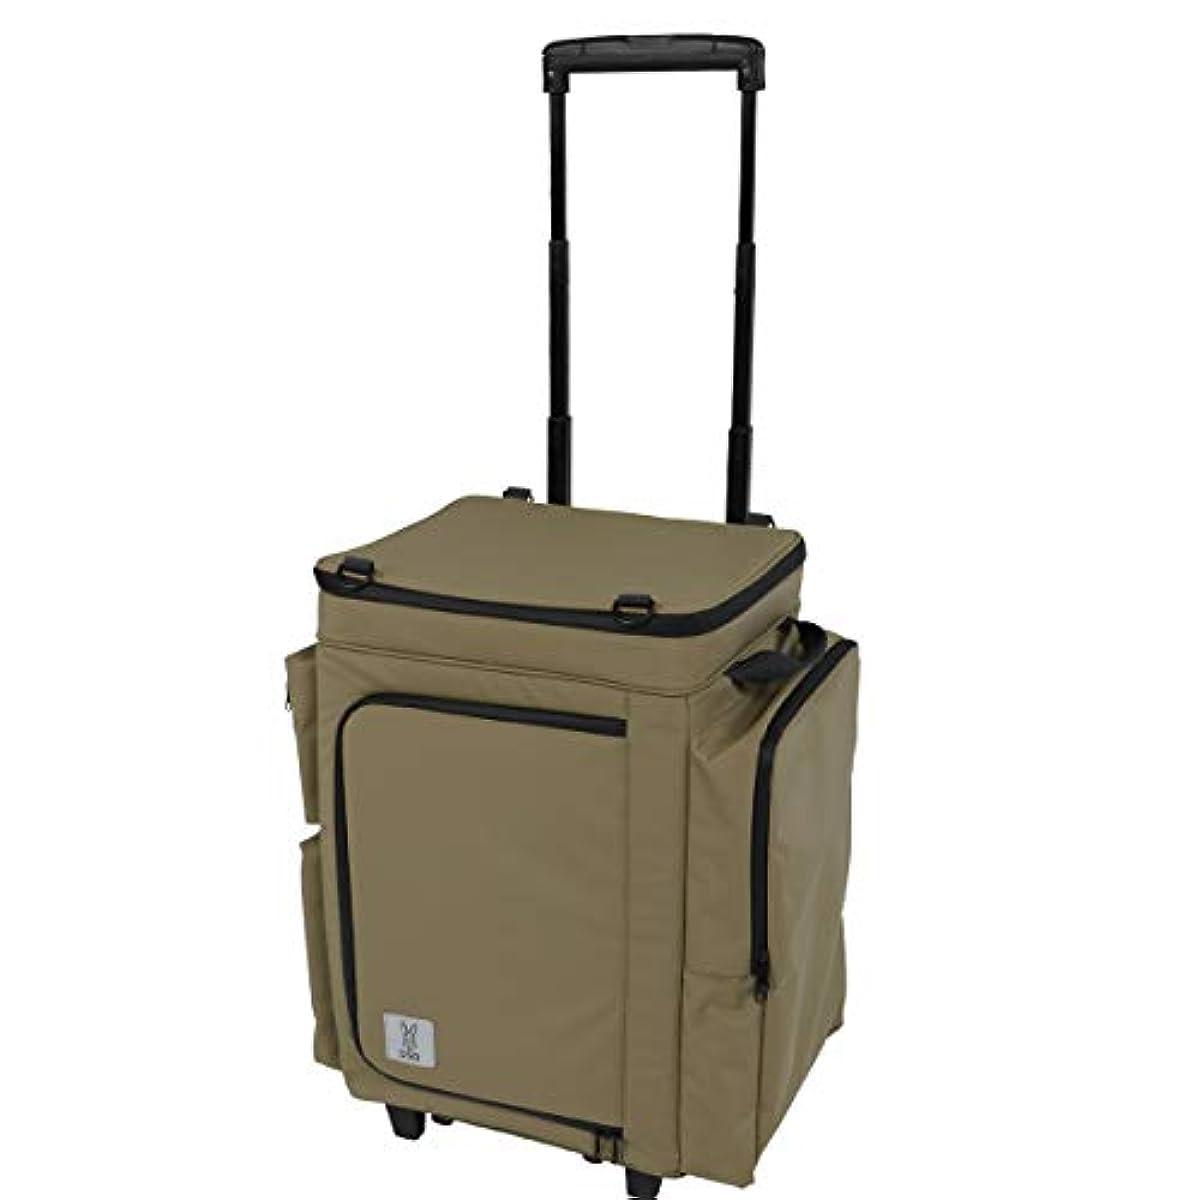 [해외] DODD O D 바베코로2 냉장고형 소프트 쿨러 박스 알루미늄 도 넣어진 싸이드의 포게가 편리하다